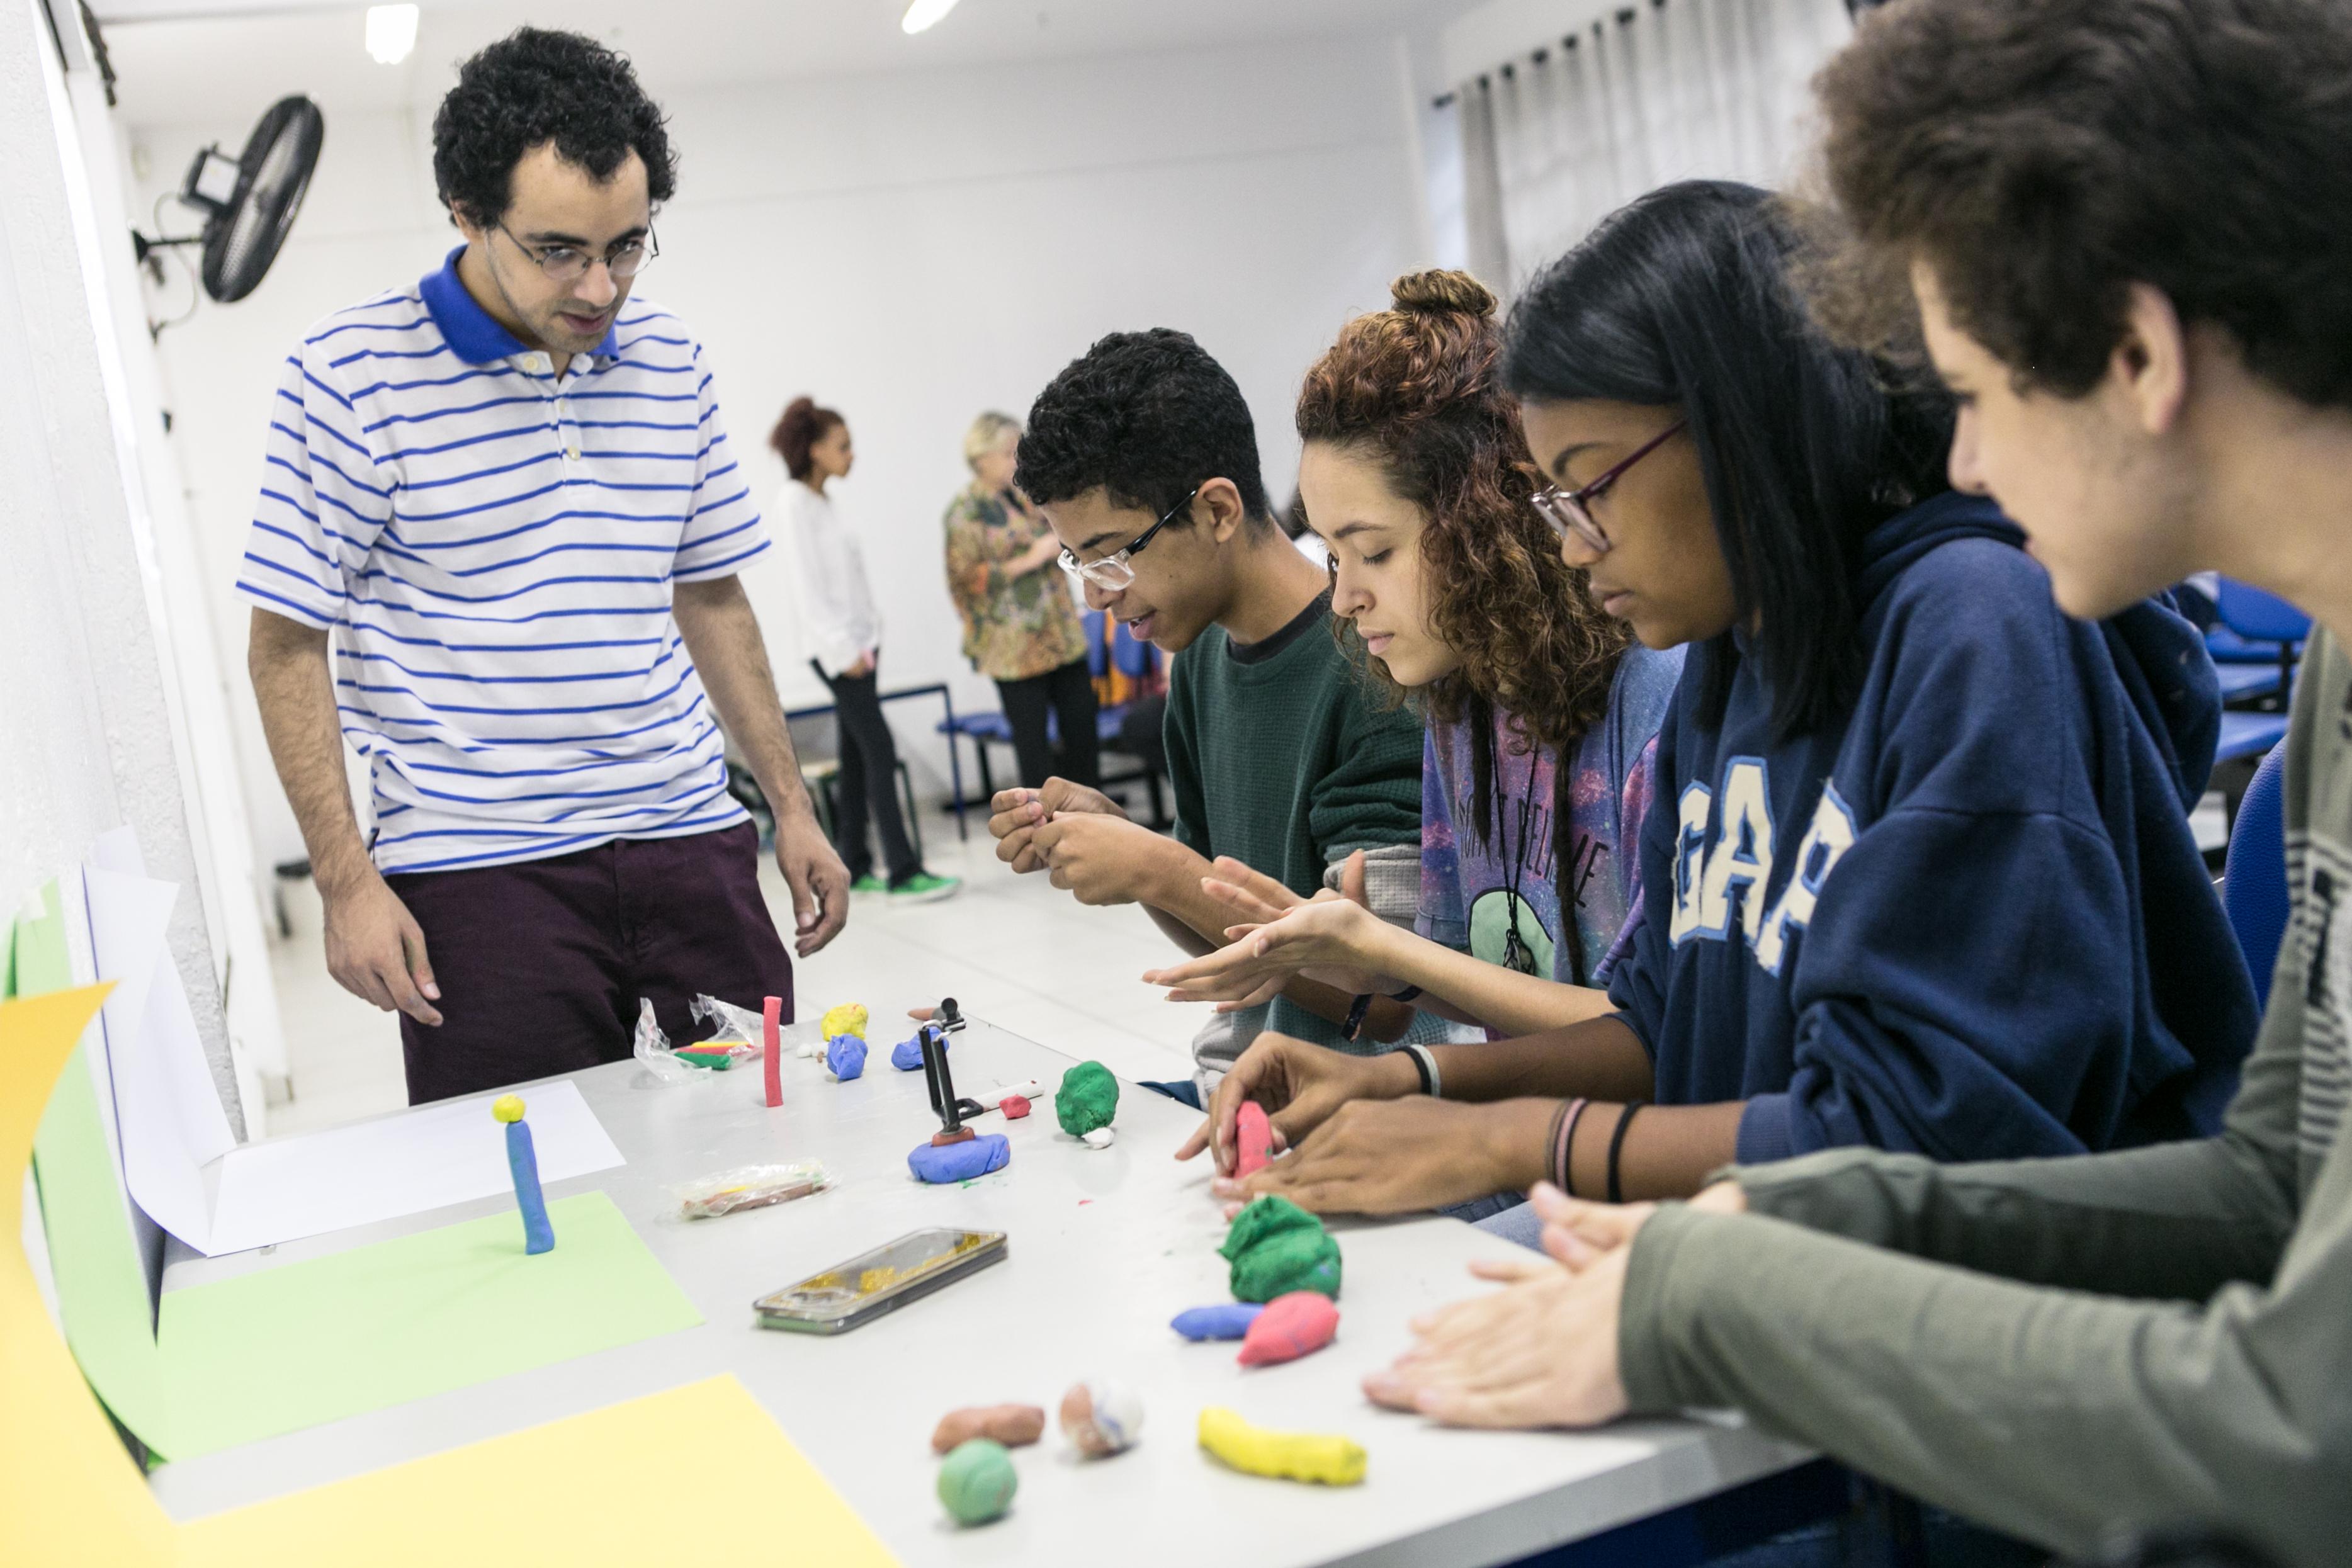 Em sala de aula, um estudante em pé observa outros quatro sentados à mesa durante realização de atividade com massa de modelar. Fim da descrição.